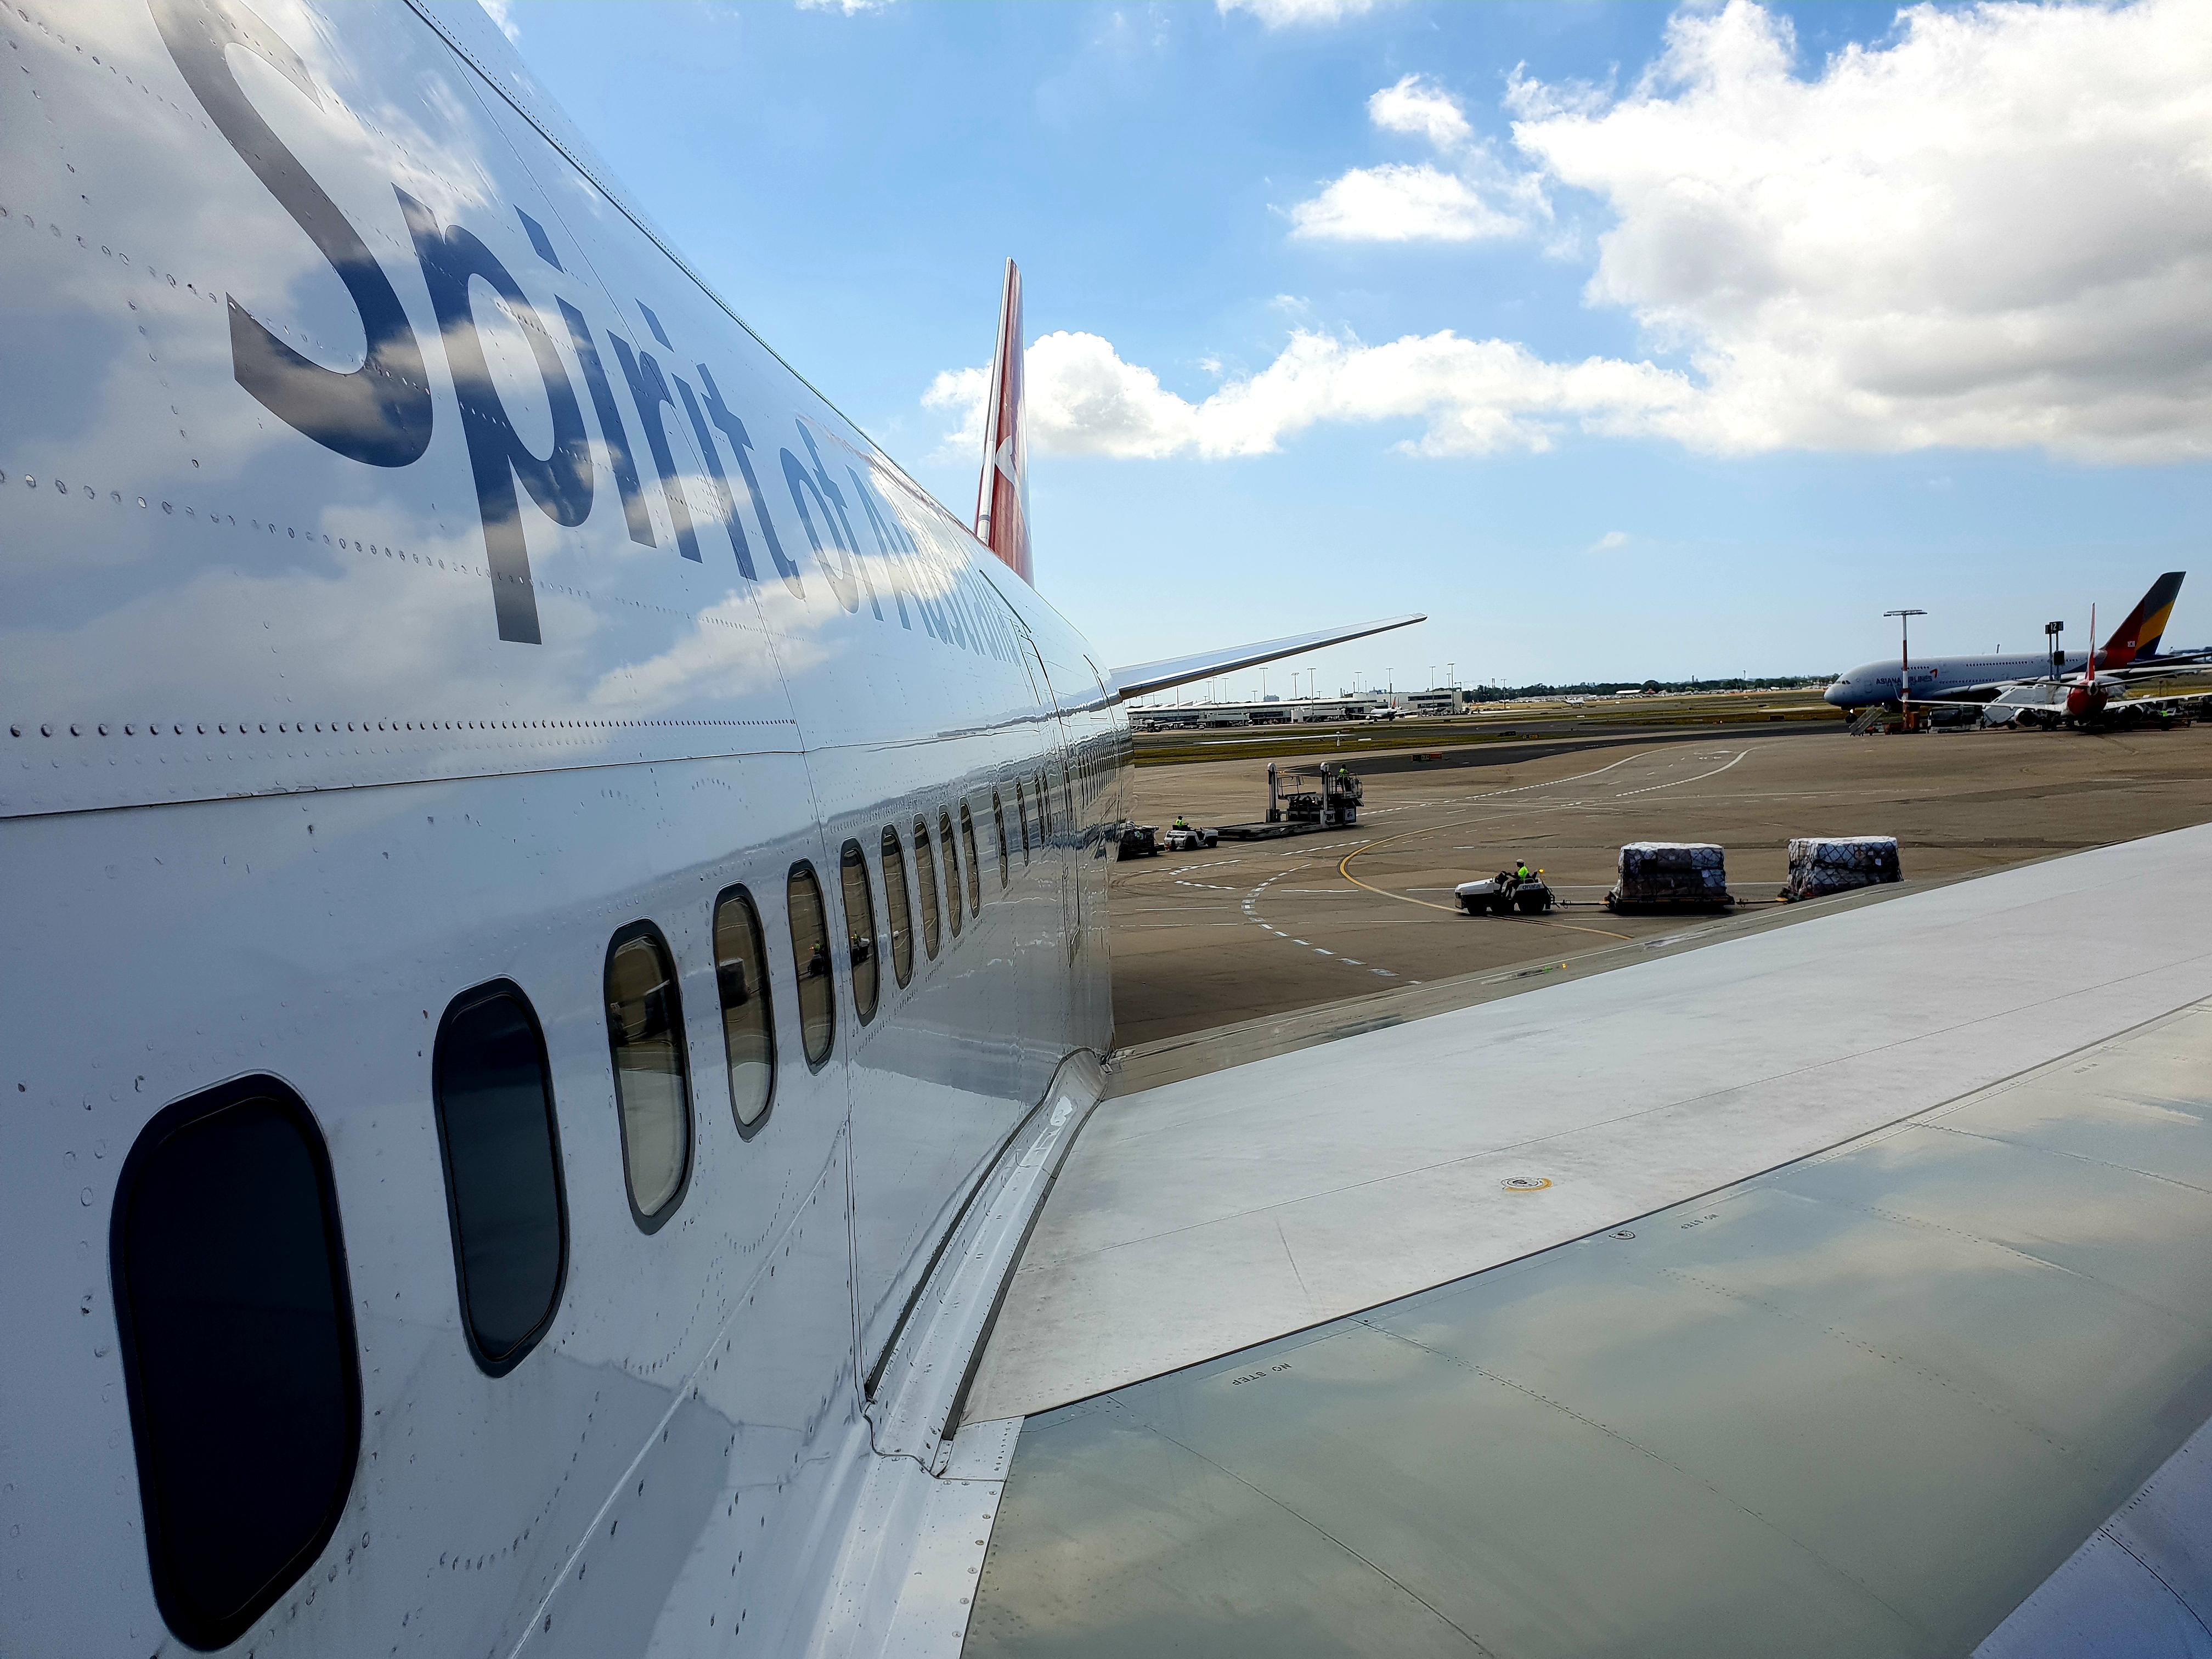 External Super Jumbo A380